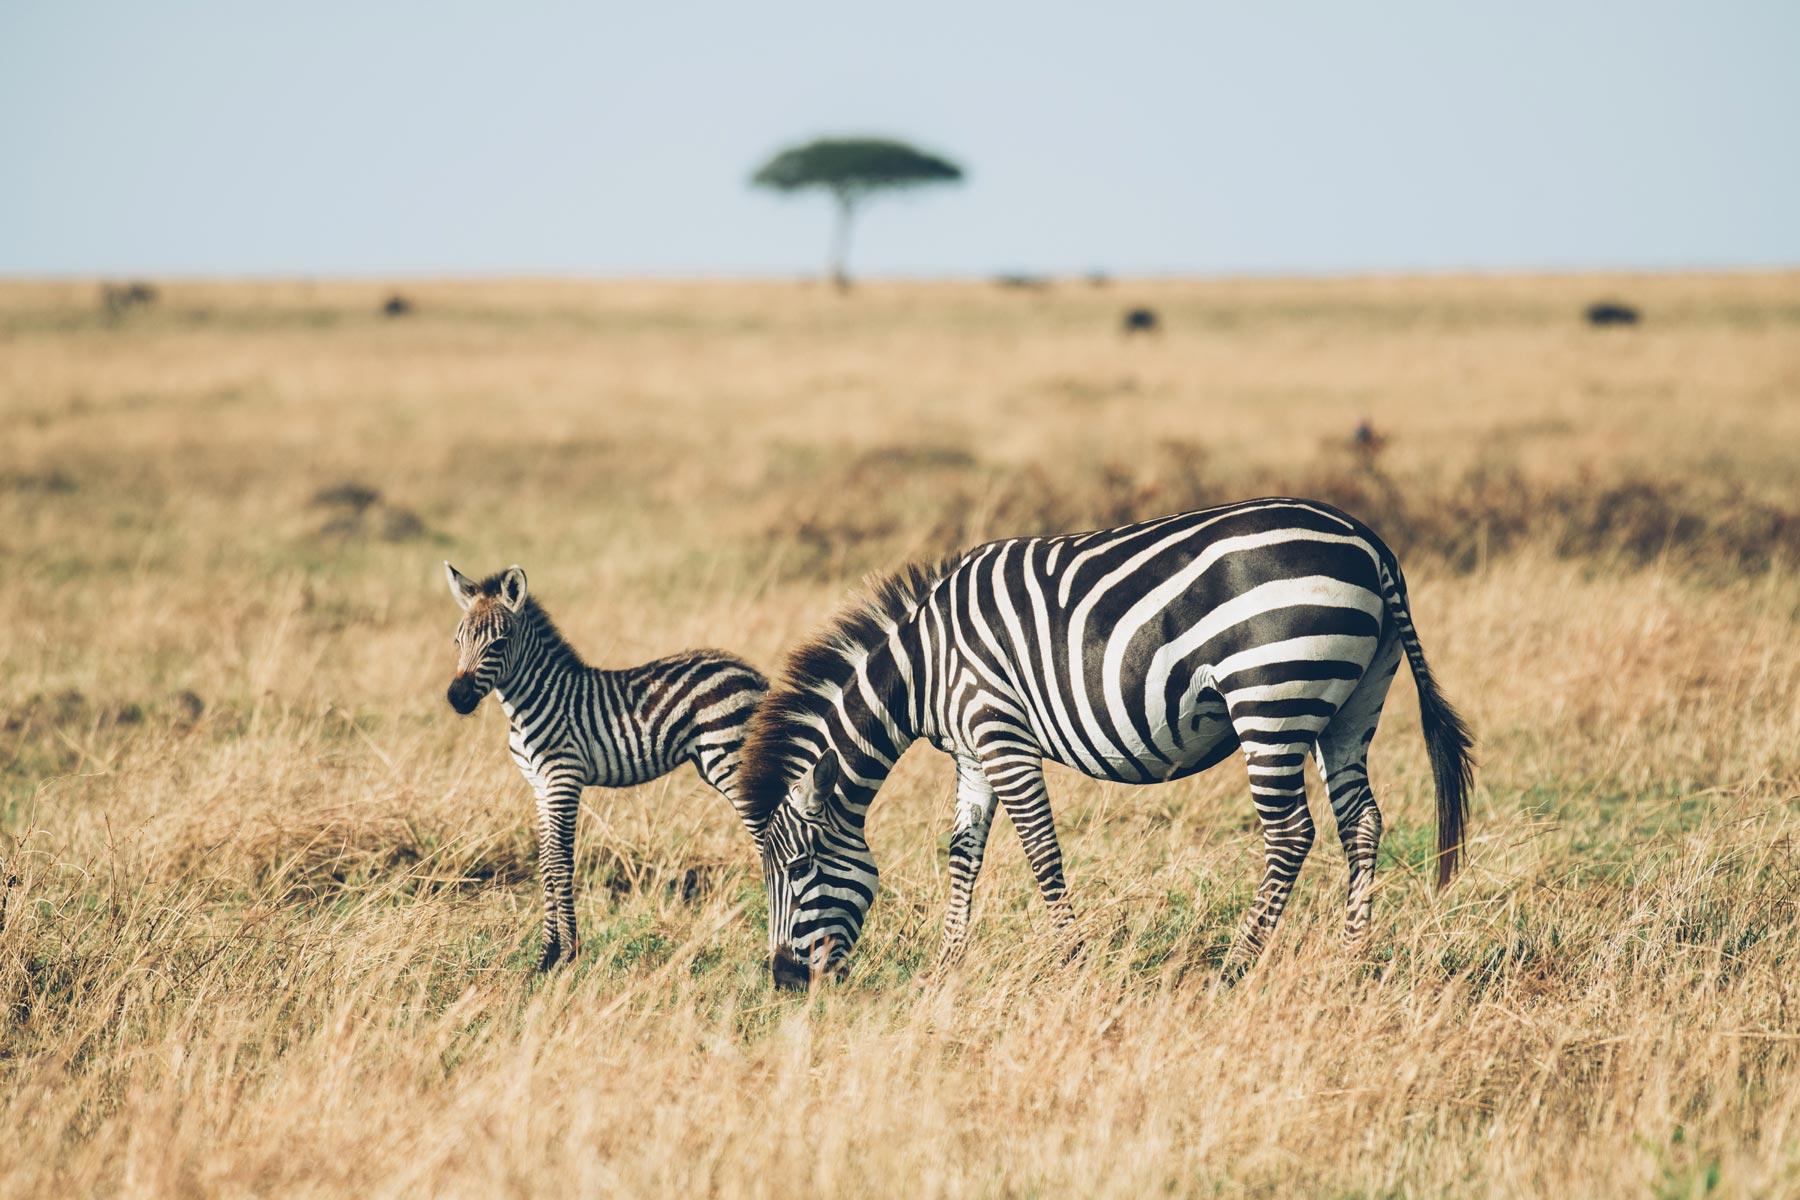 Bébé Zèbre, Kenya, 2018